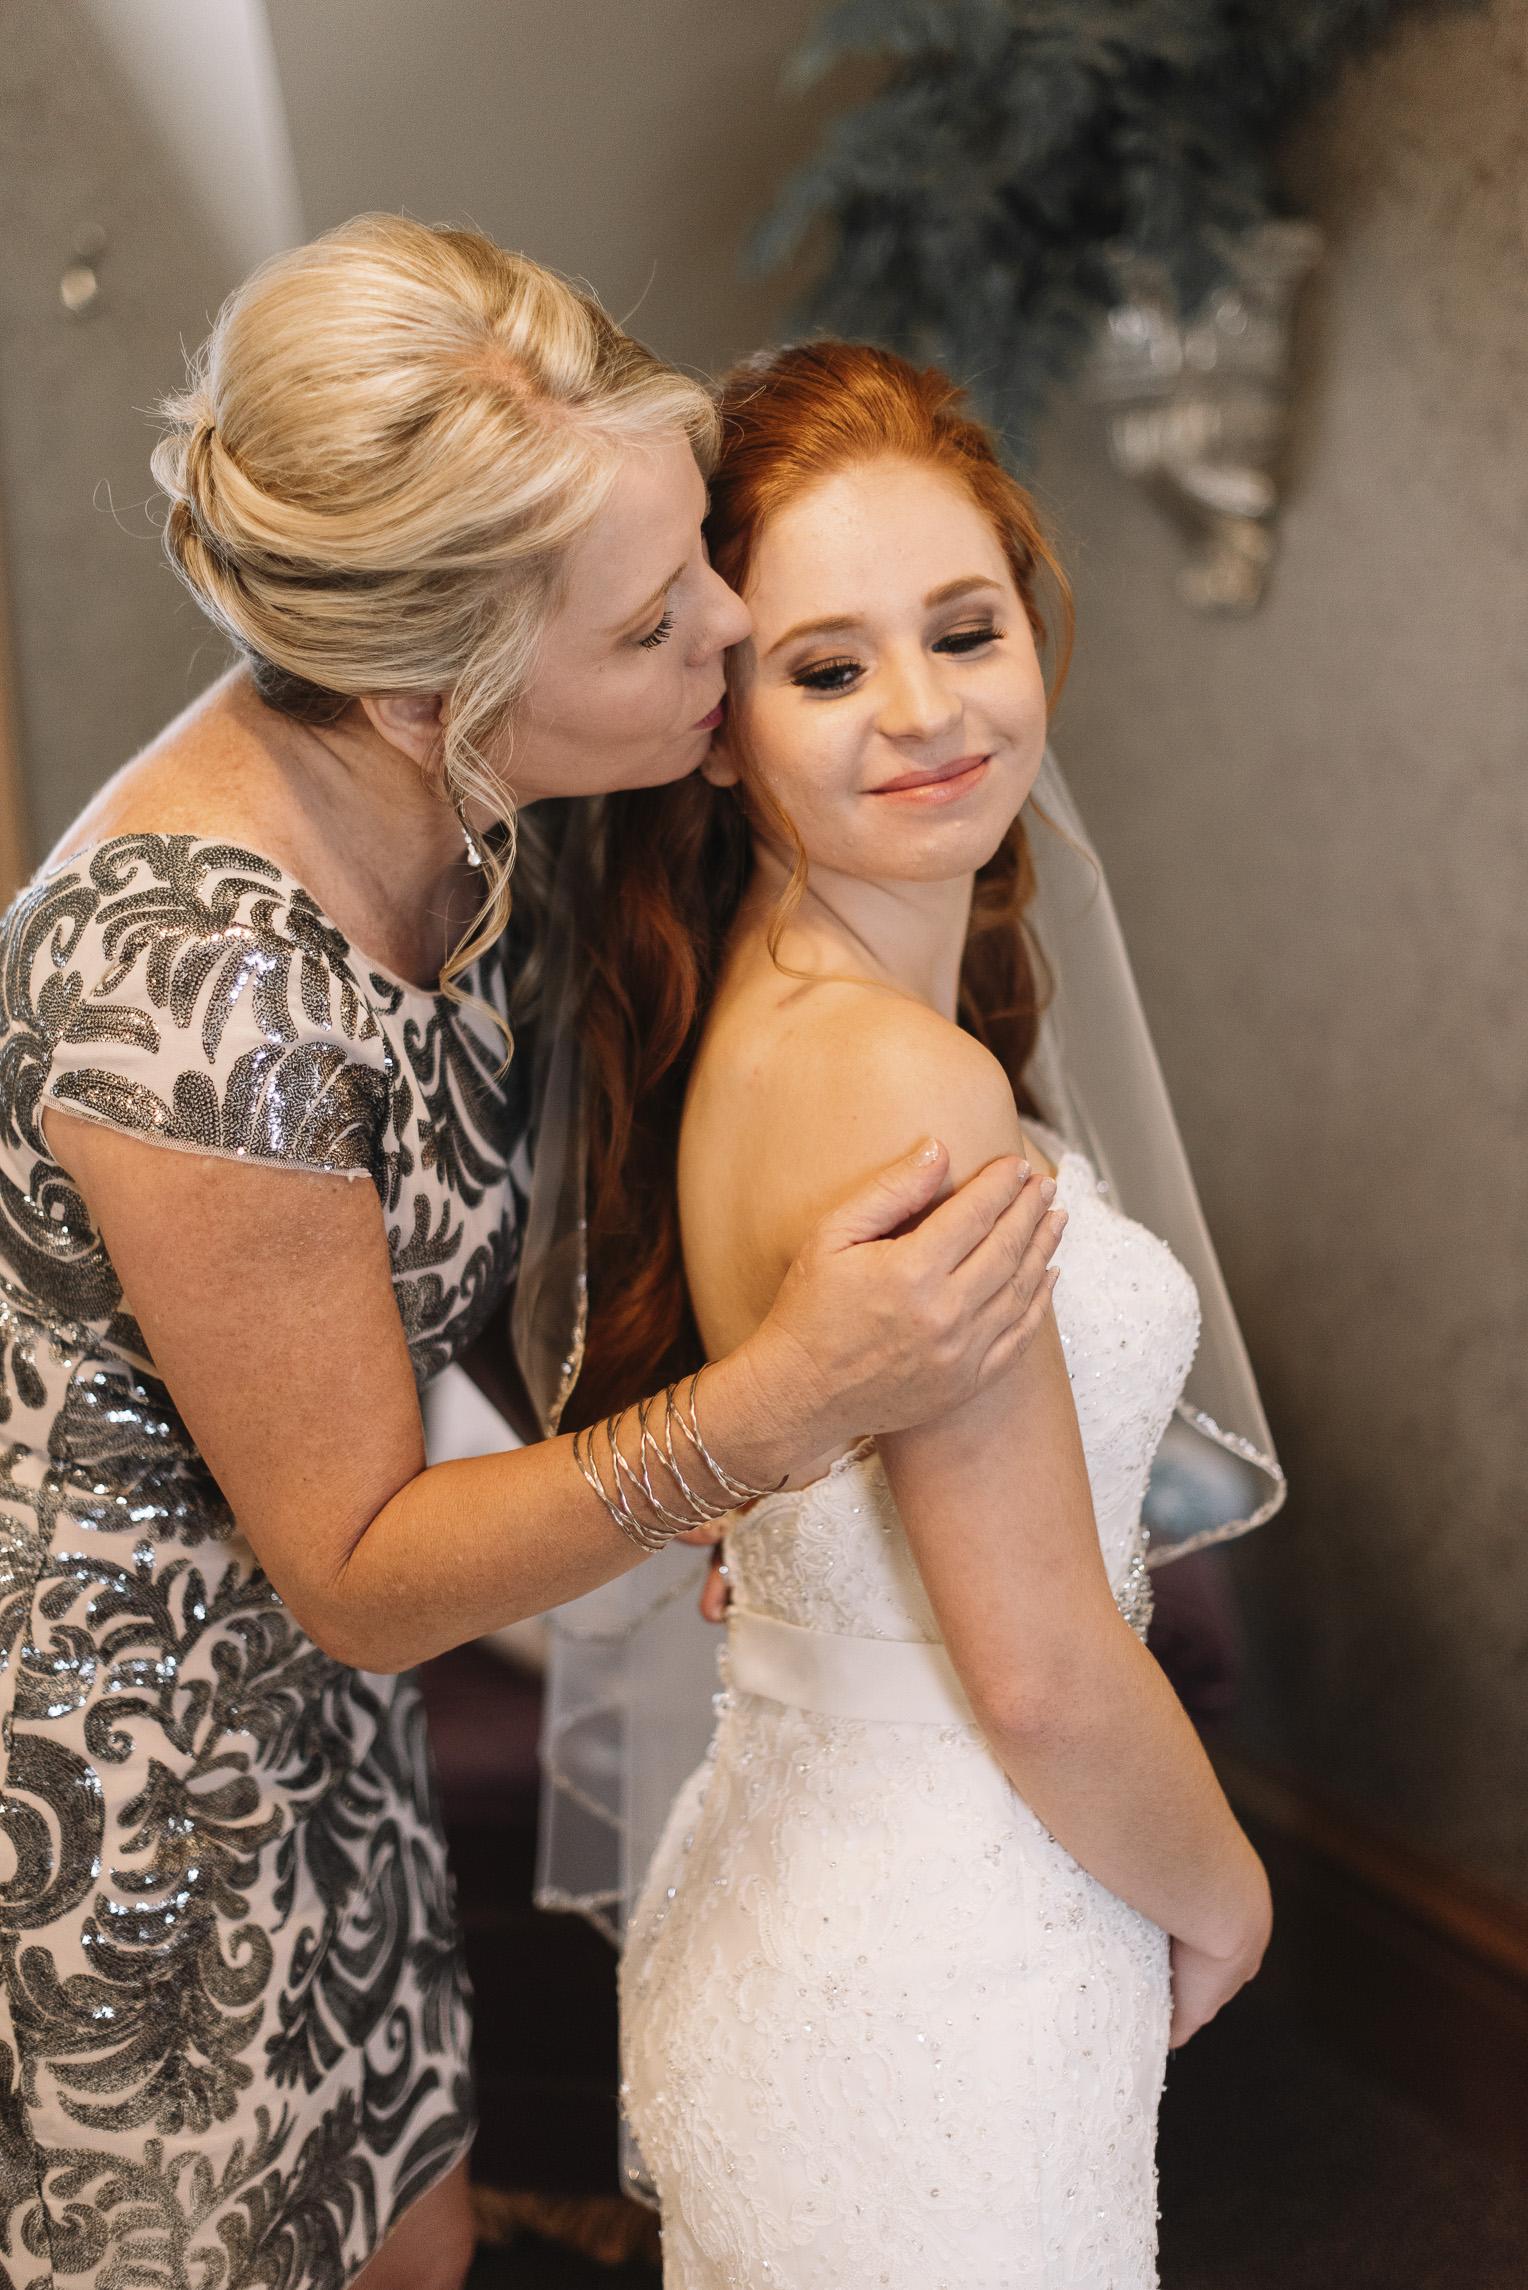 web sized images -- no to print --CALVIN & MCKYLEY WEDDING PHOTOS - COLORADO PHOTOGRAPHER - DEBI RAE PHOTOGRAPHY-354.jpg